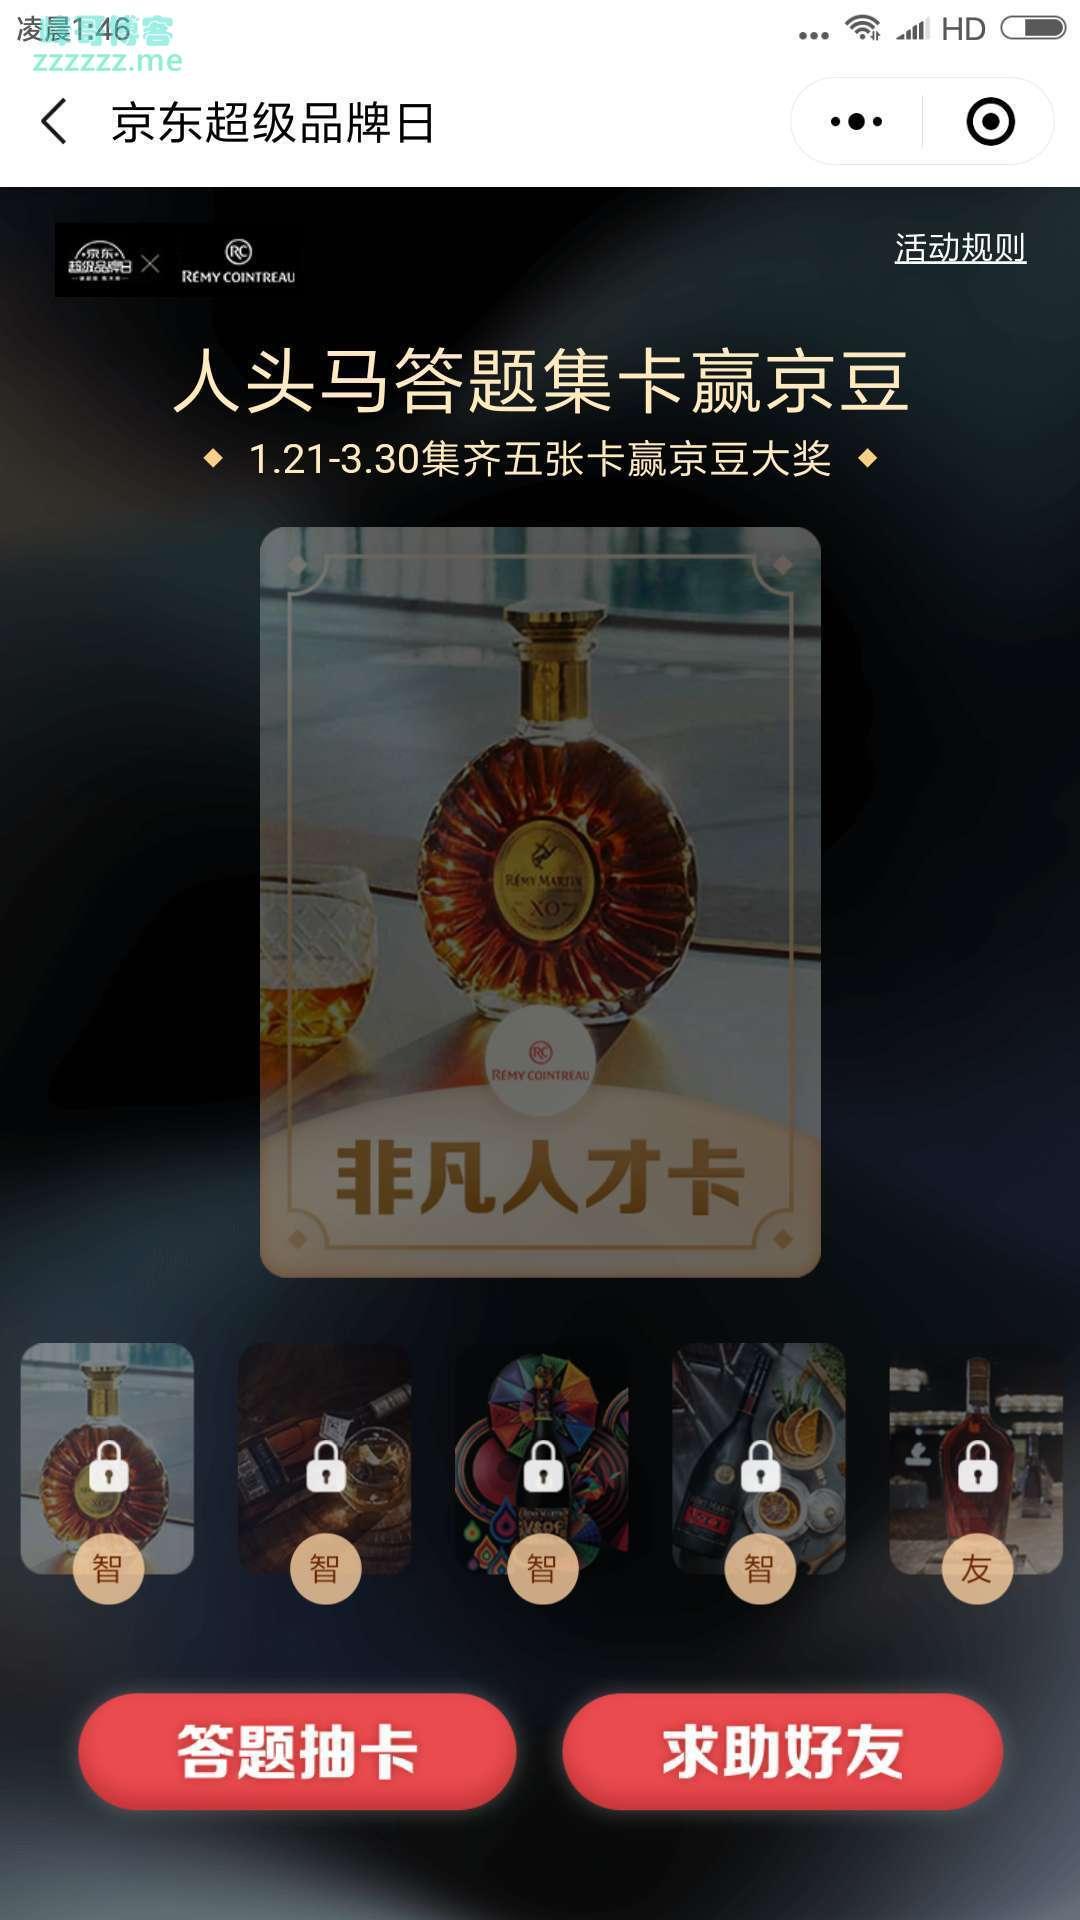 <京东>人头马 集卡赢888京豆(截至3月30日)